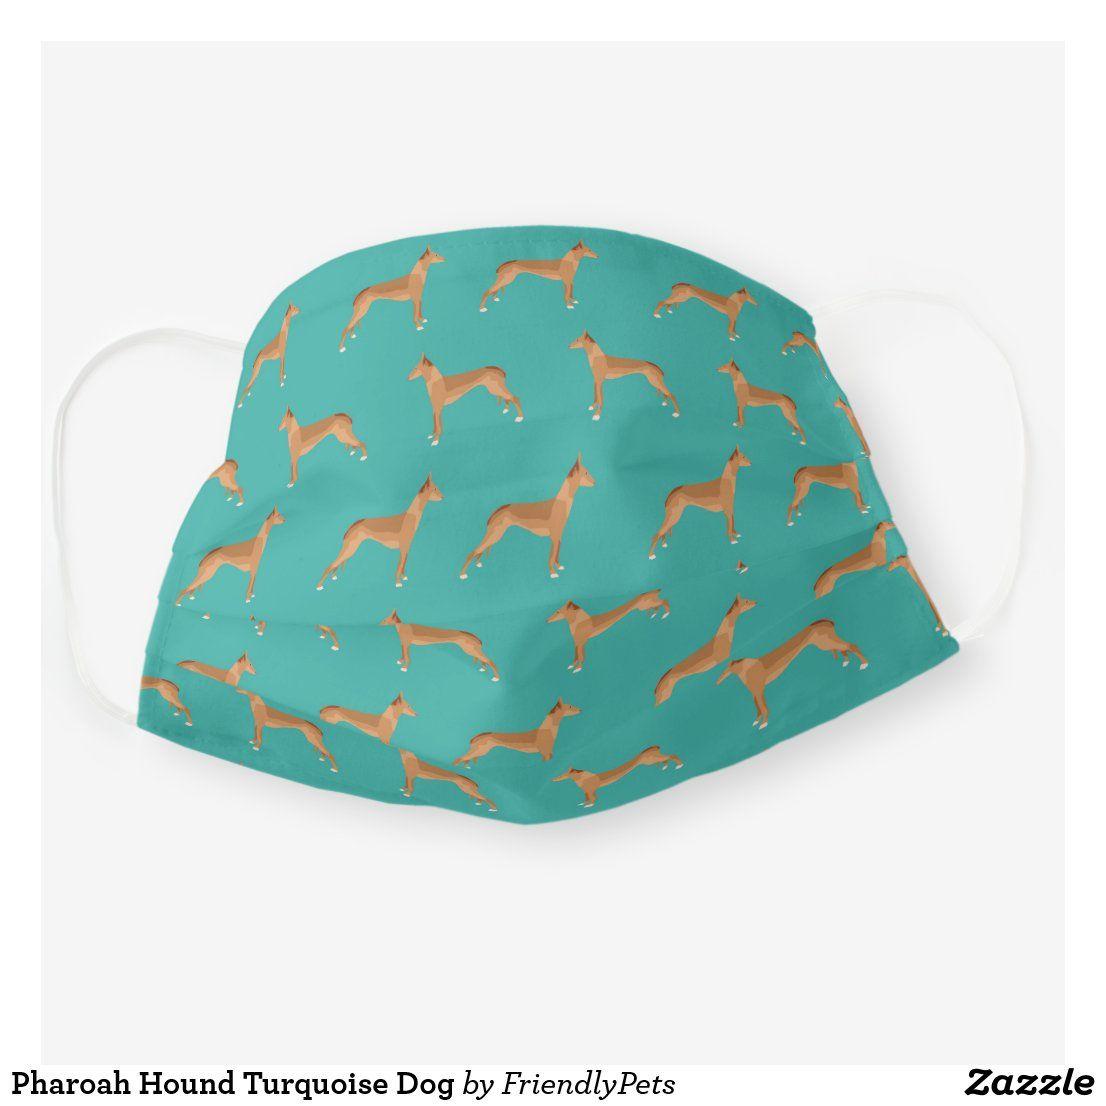 Pharoah Hound Turquoise Dog Cloth Face Mask